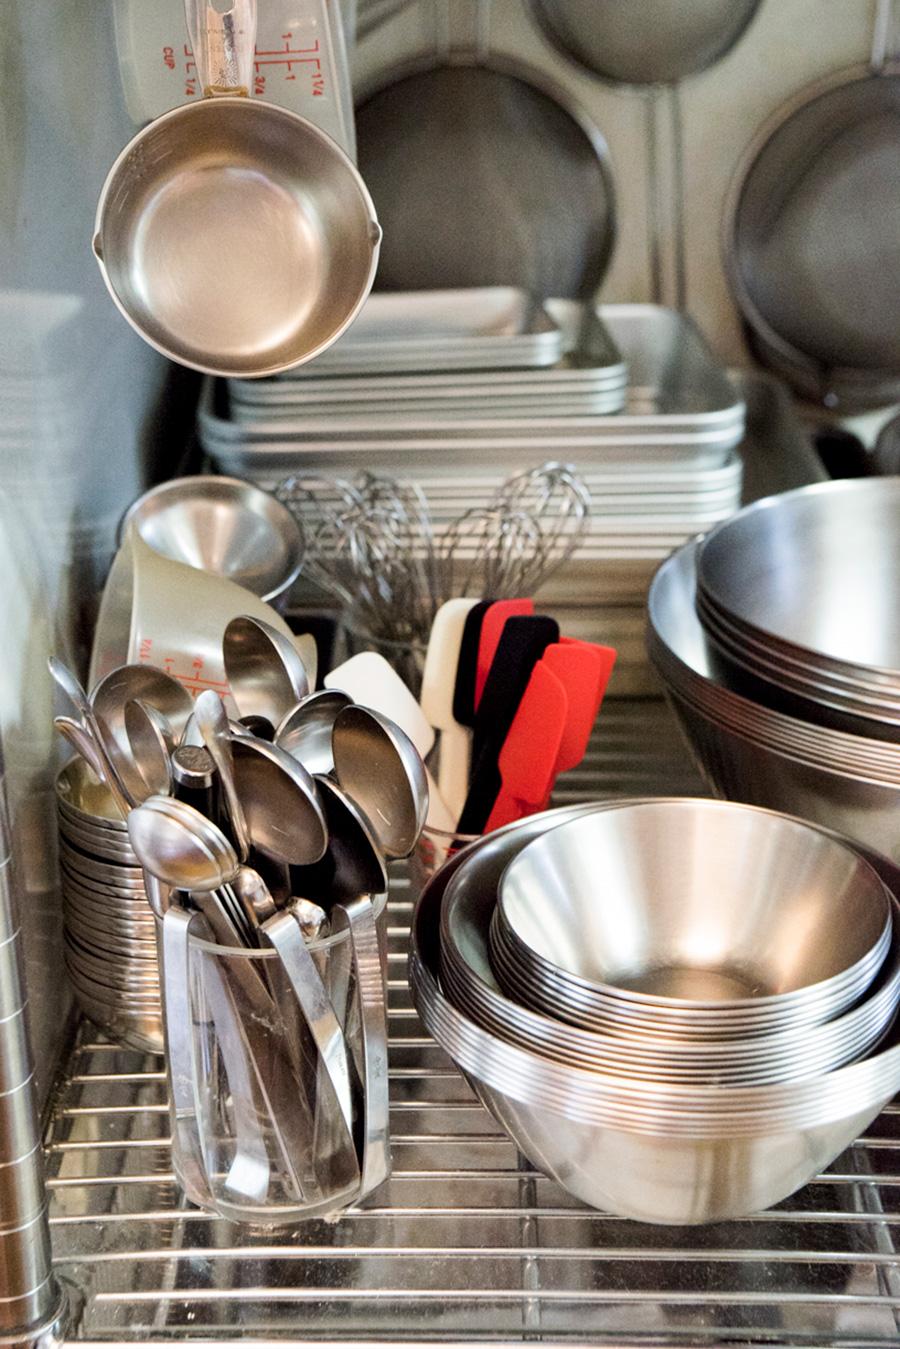 キッチンには調理器具がたくさん。ネットや合羽橋などで買い揃えるそう。